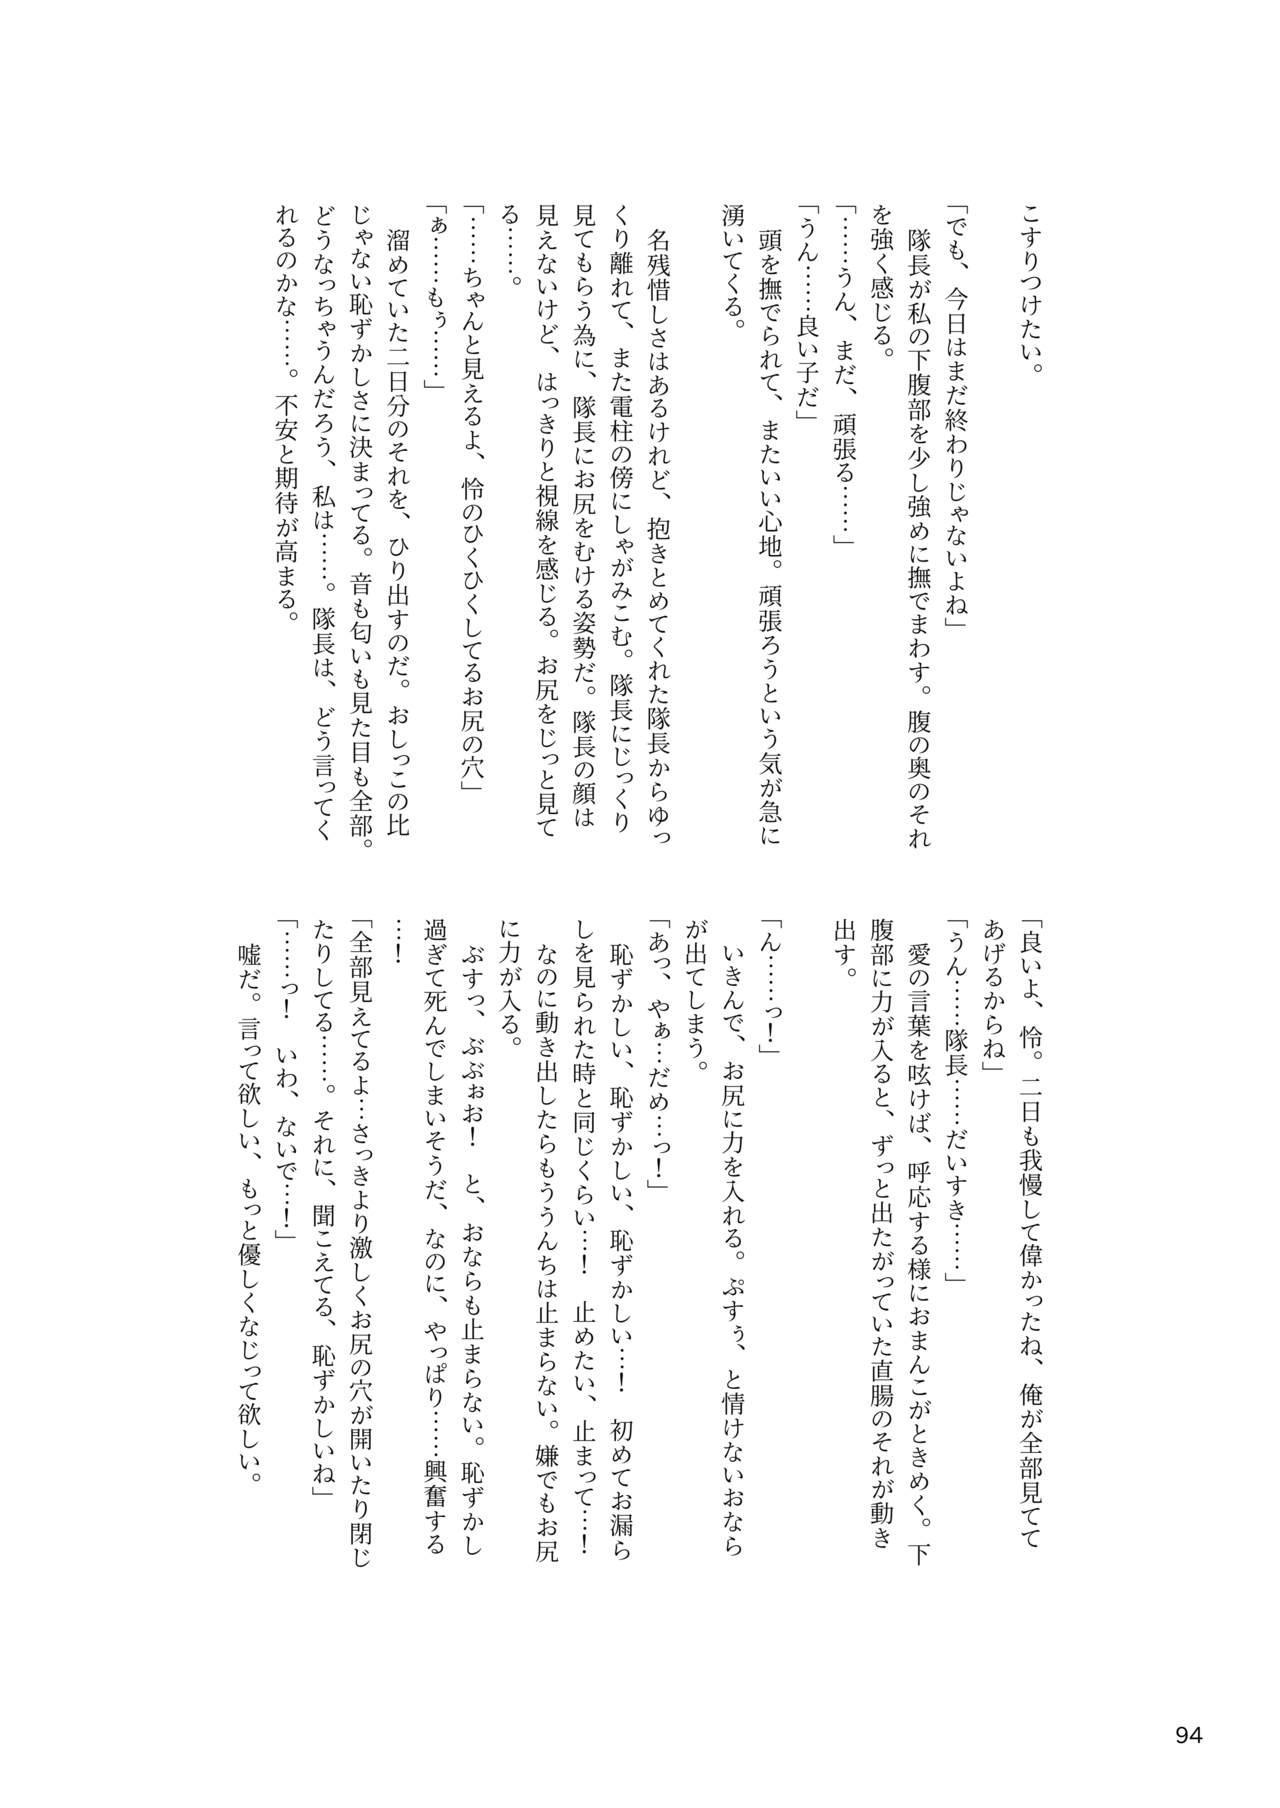 ア○スギア総合スカトロアンソロジー アクトレス排泄実態調査任務~スカポためるっすか!?~ 93